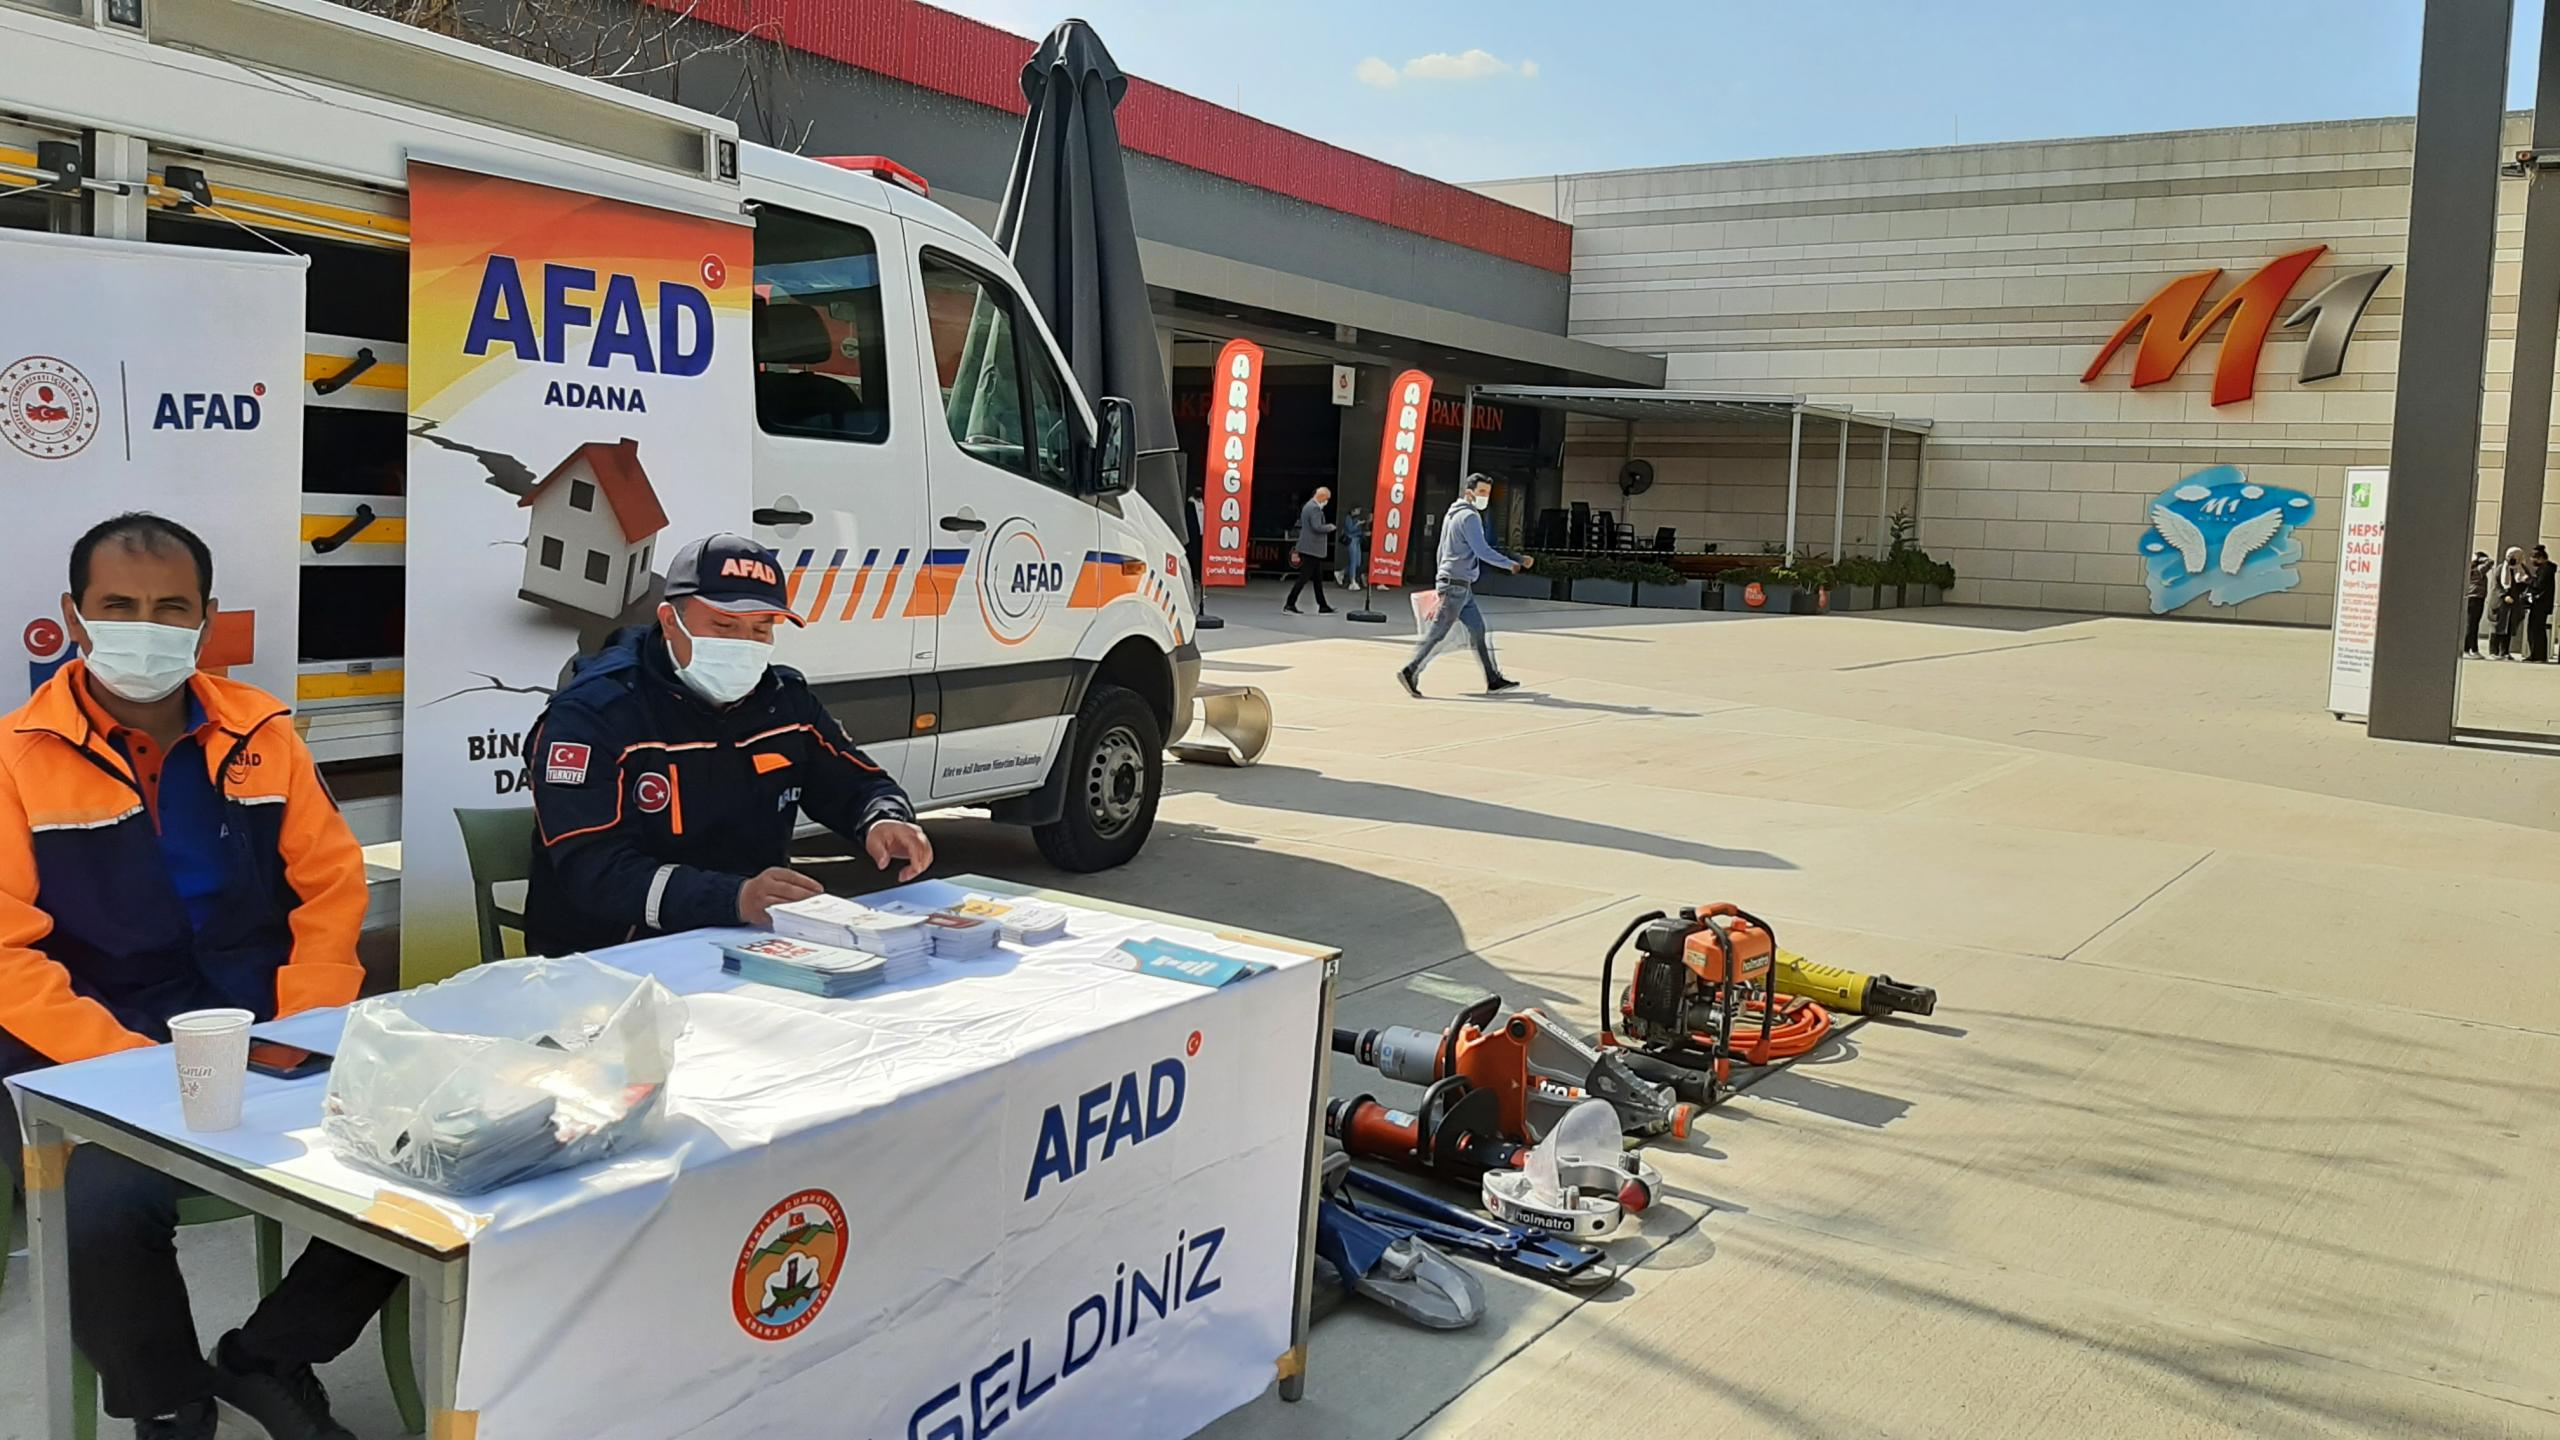 AFAD DEPREM HAFTASI ETKİNLİKLERİ M1 ADANA AVM'de gerçekleştirildi